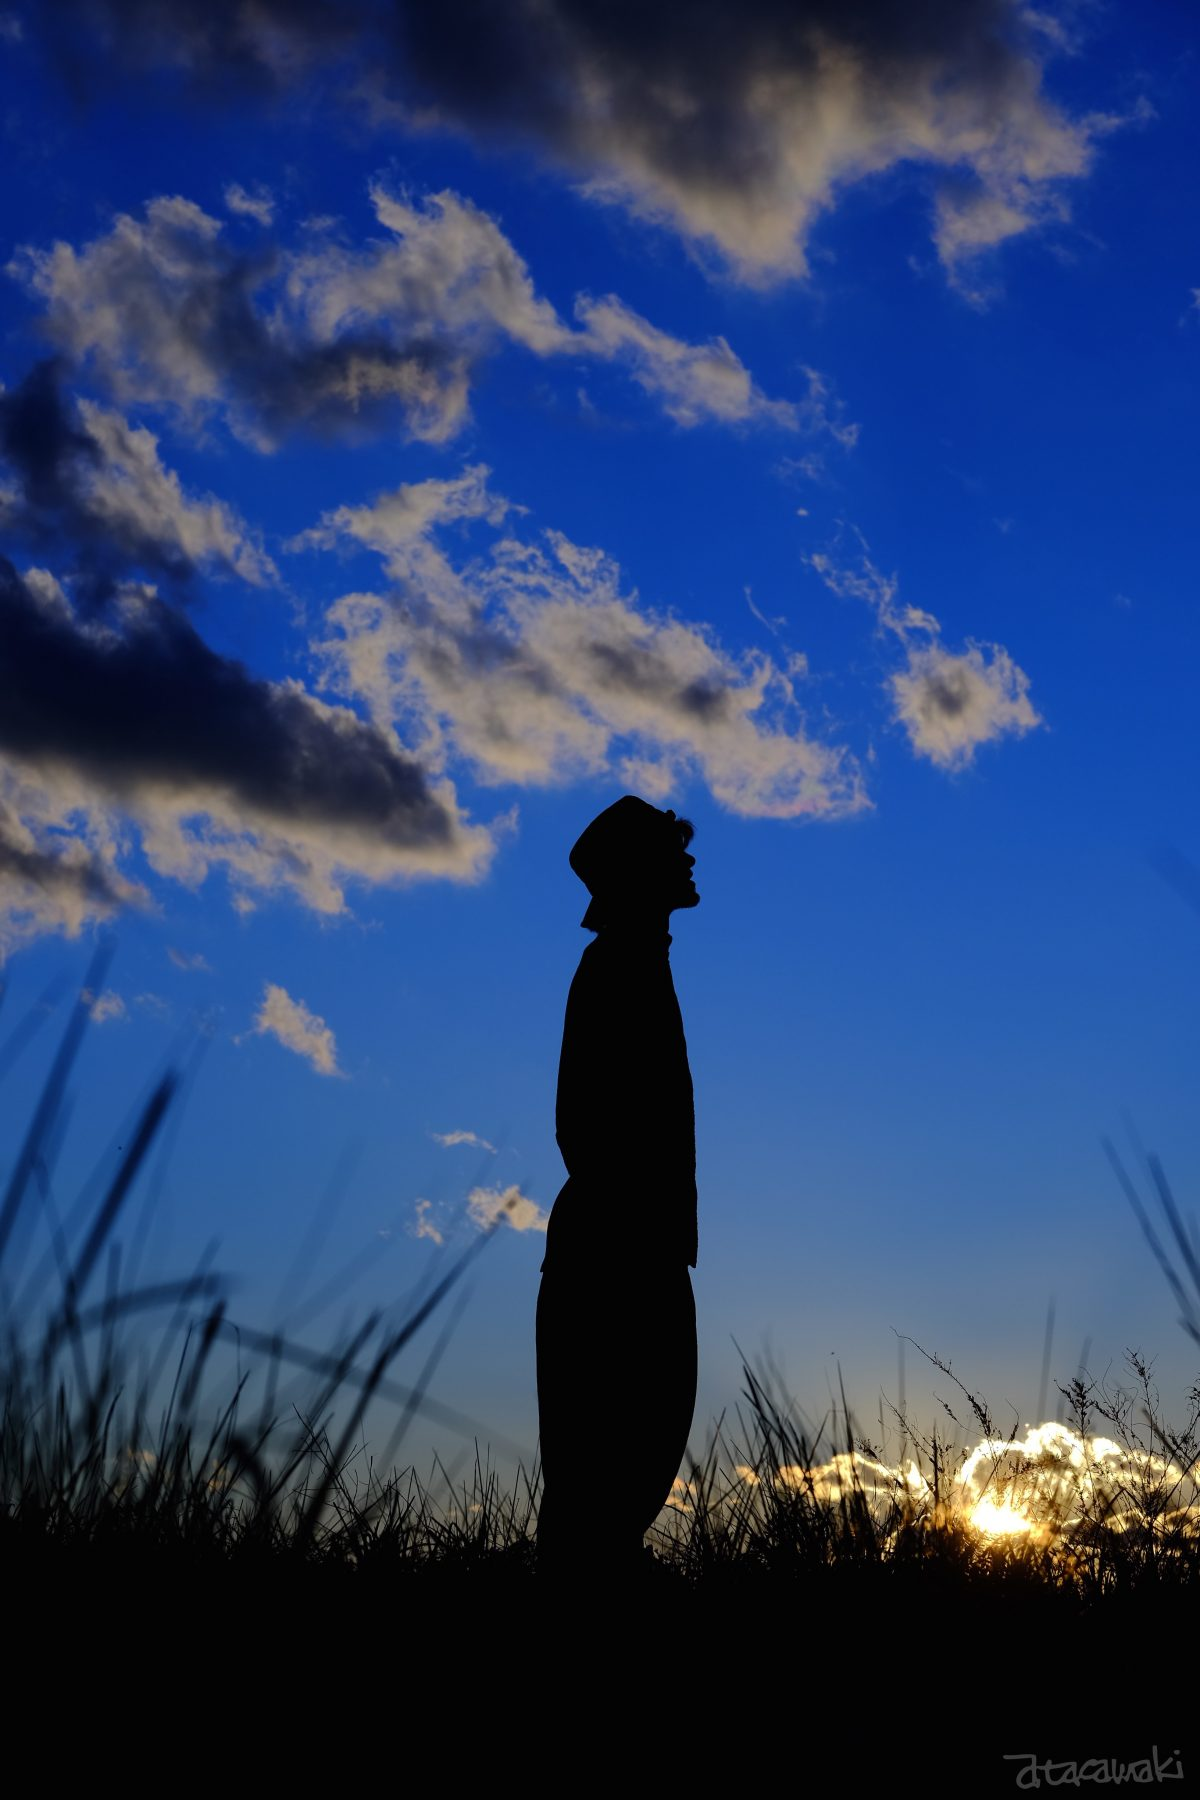 旅好きな人の性格は意外と不寛容なんじゃないかというブログ